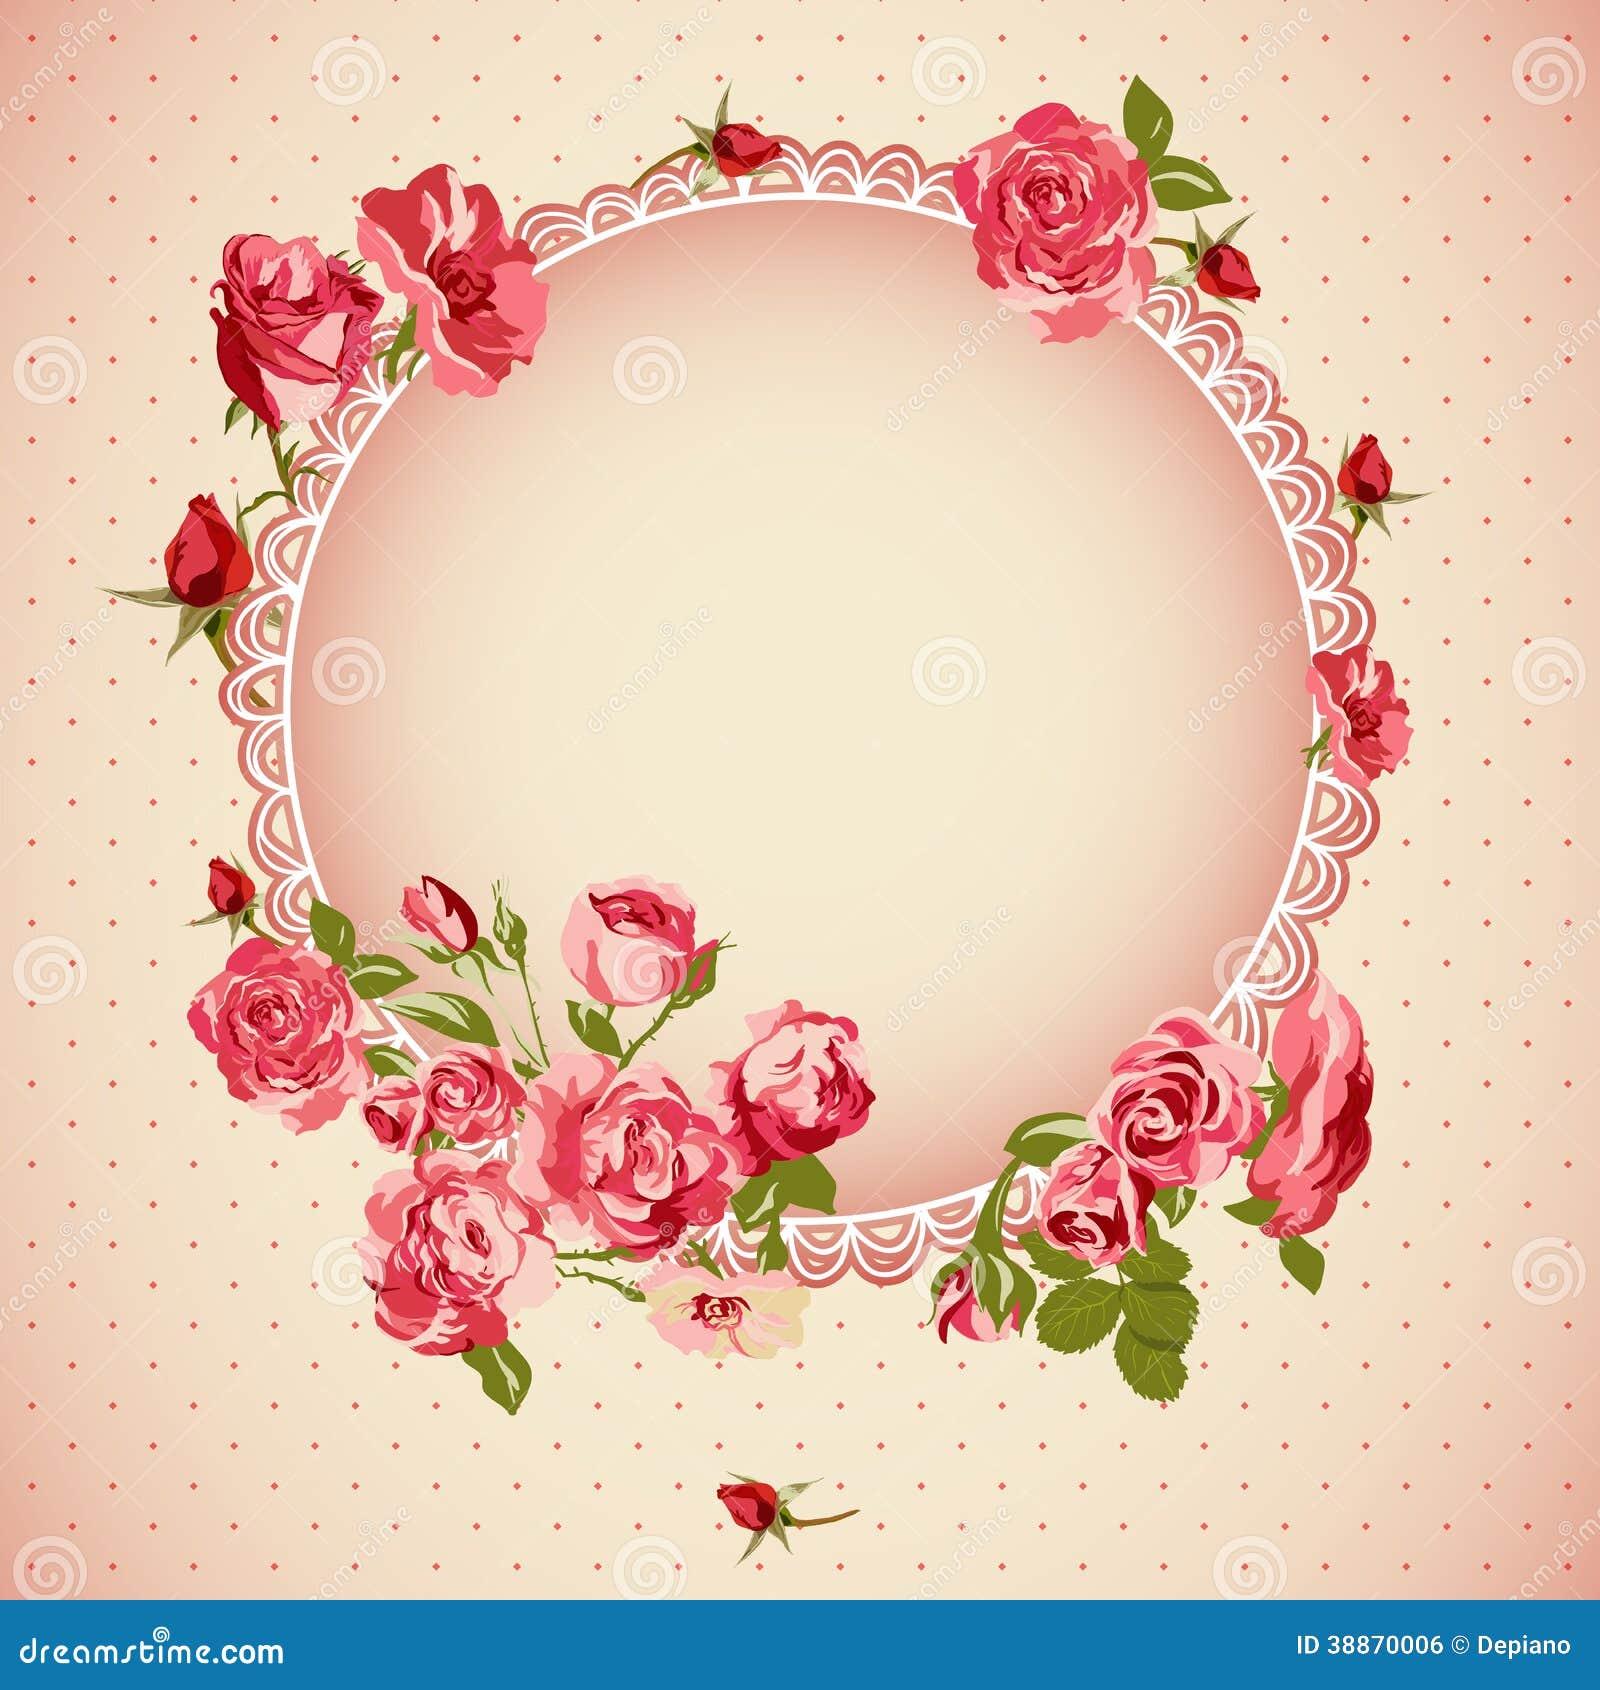 rose wedding invitation background - photo #40